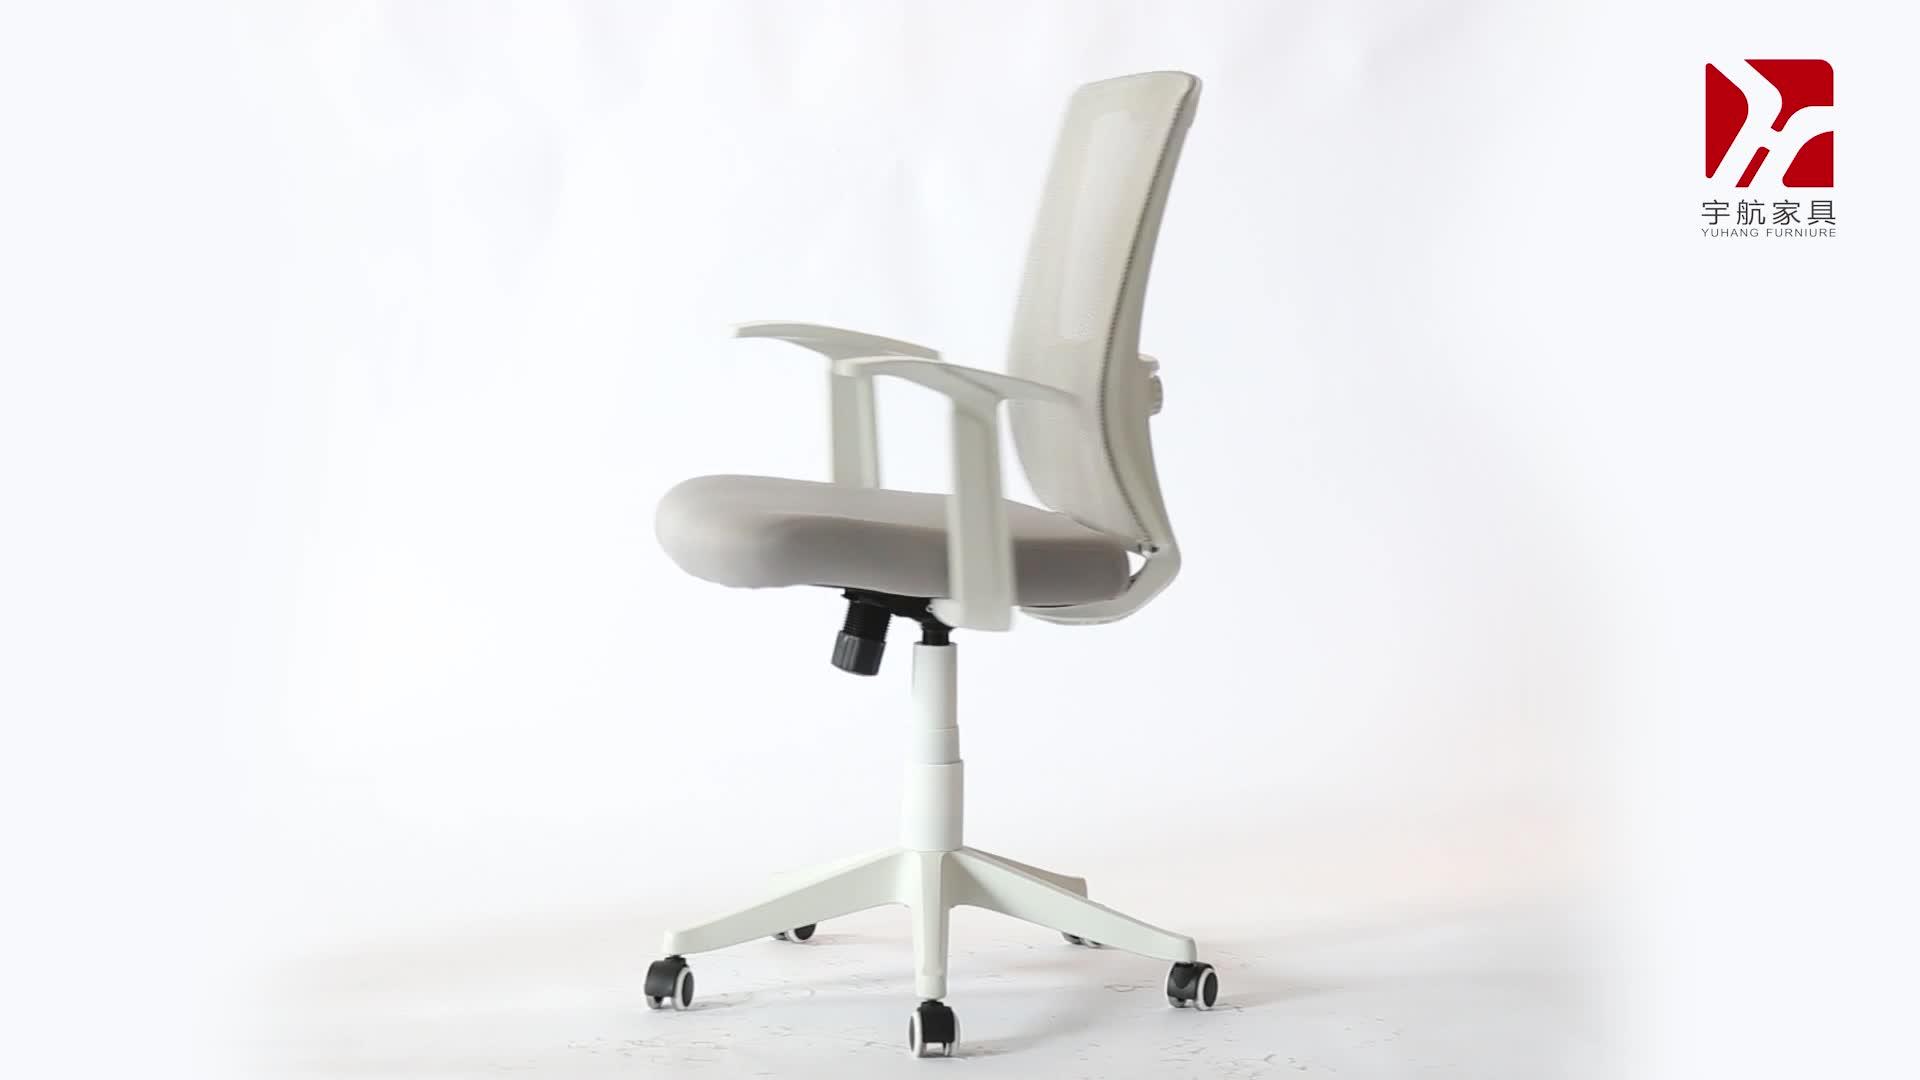 सफेद उच्च वापस Headrest के साथ Ergonomic जाल कार्यालय की कुर्सी कुंडा सामान कुर्सी